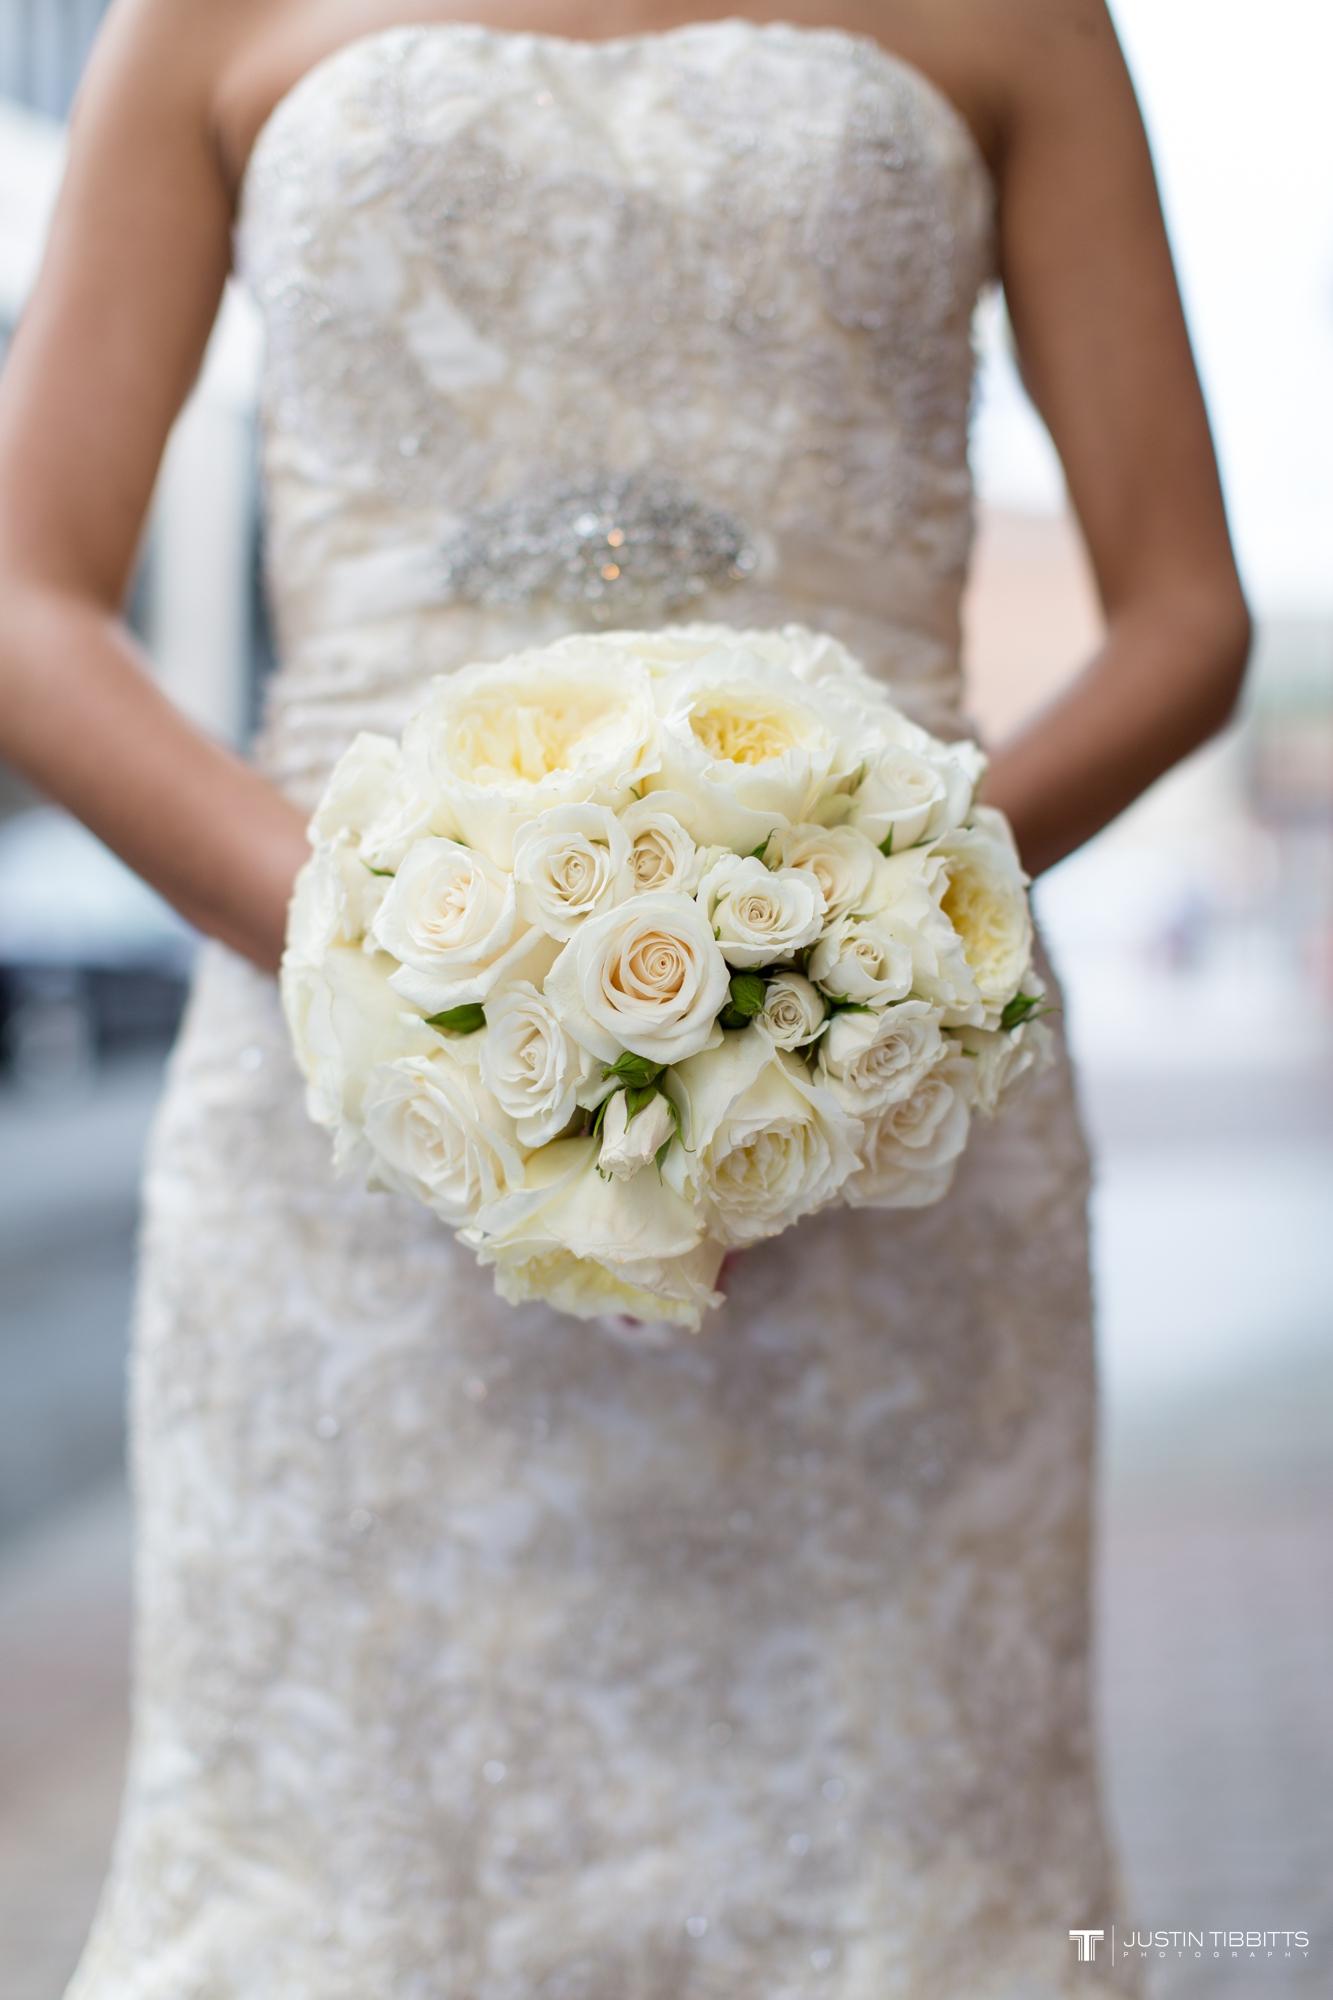 Albany NY Wedding Photographer Justin Tibbitts Photography 2014 Best of Albany NY Weddings-10113105